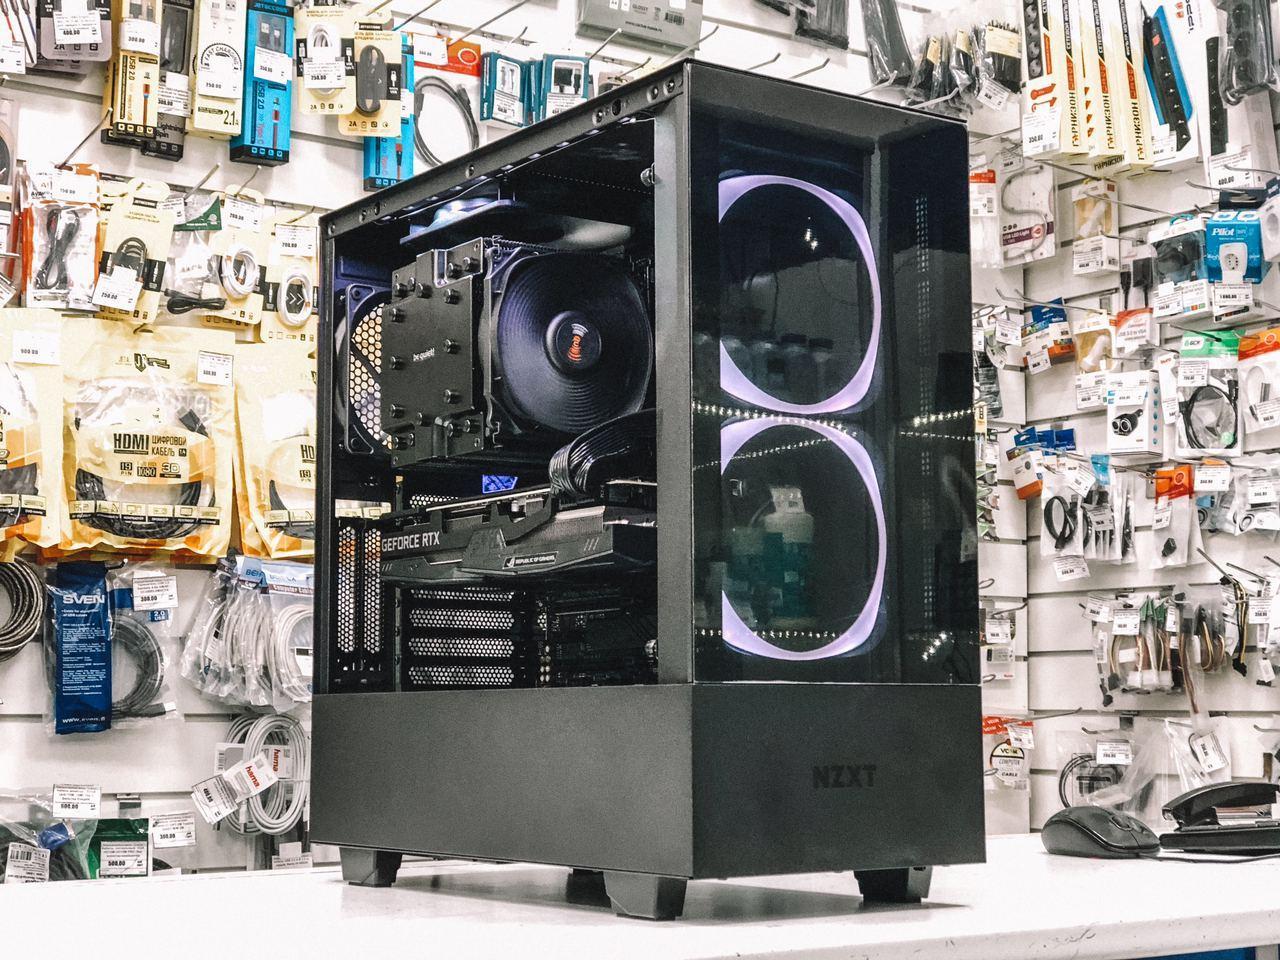 картинка Системный блок Status Home Core i7 Intel + GeForce RTX2080 Super от магазина Одежда+